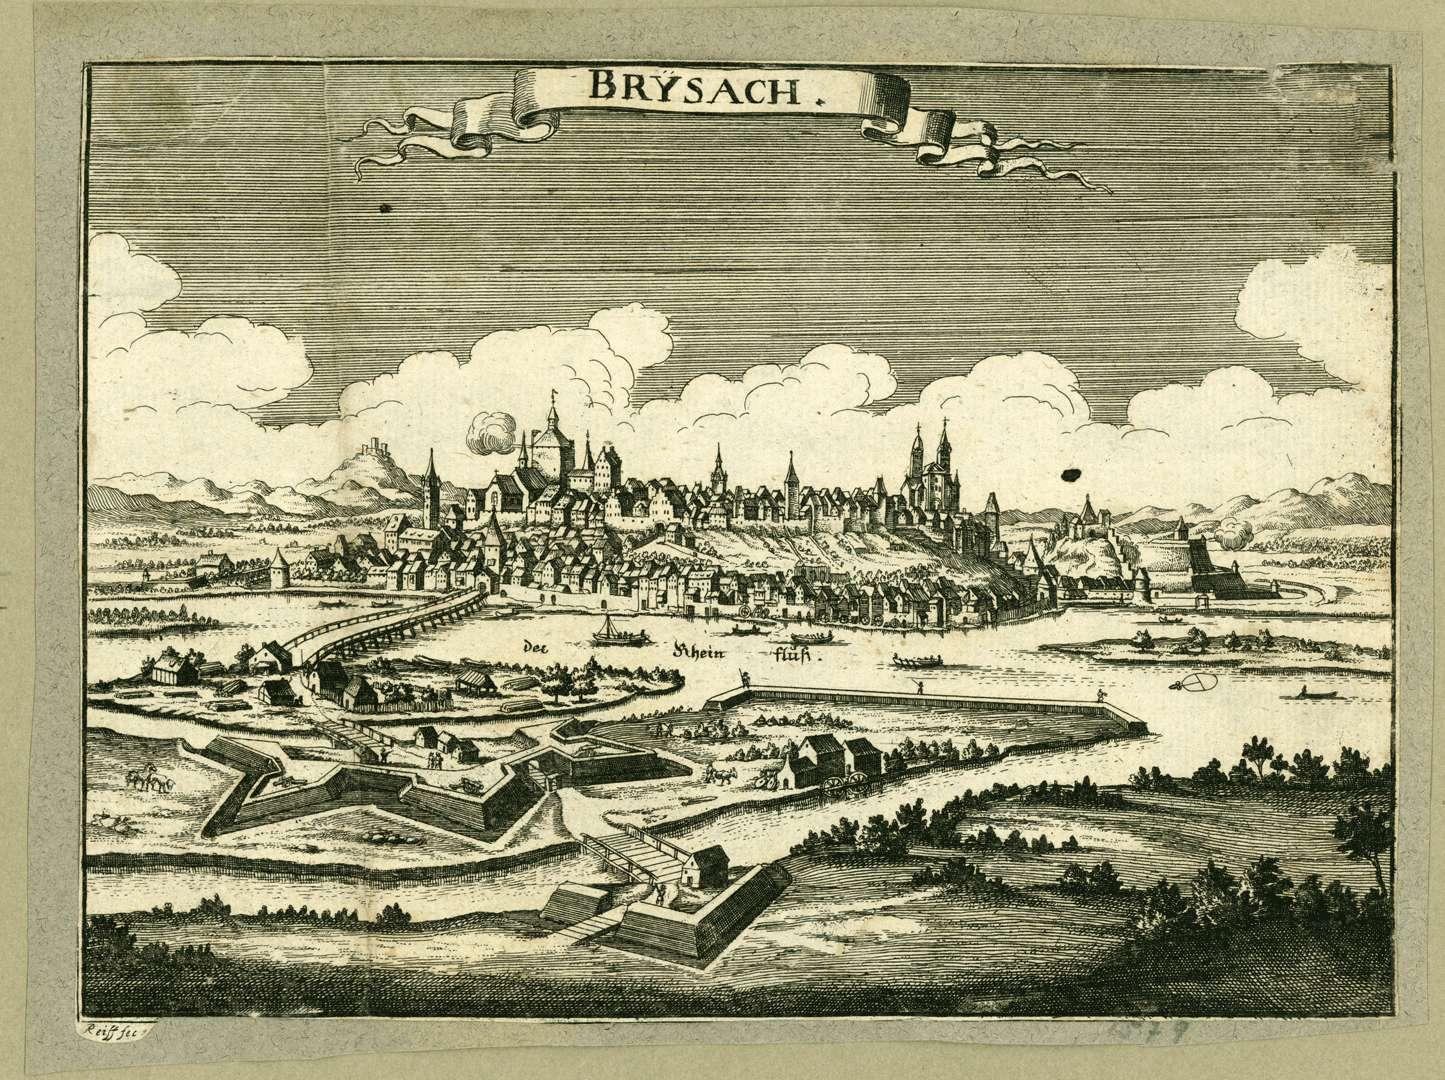 Brysach, Bild 1